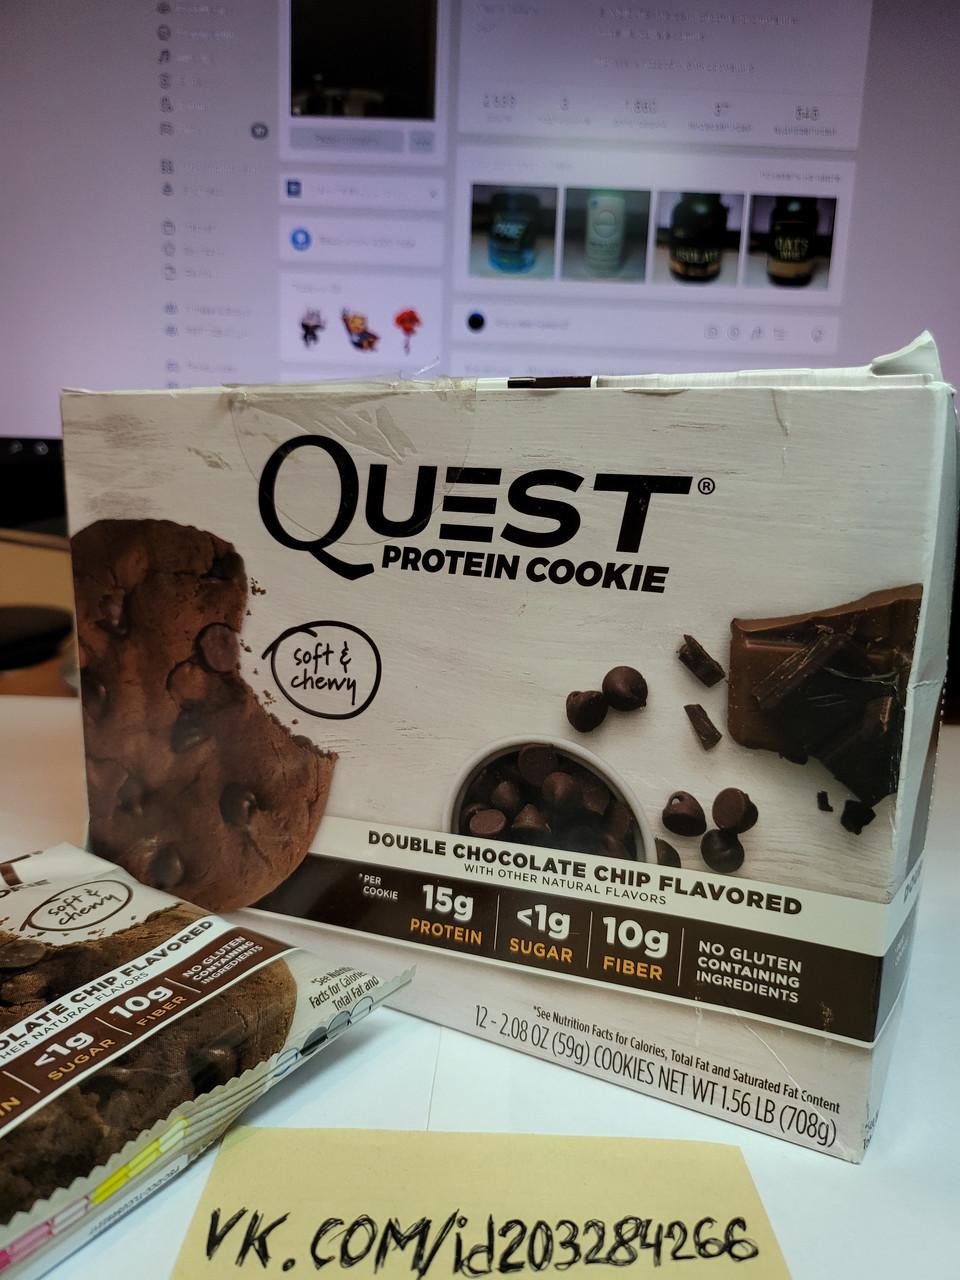 Упаковка протеинового печенья Quest Nutrition Protein Cookie 12 x 59 г double chocolate chip